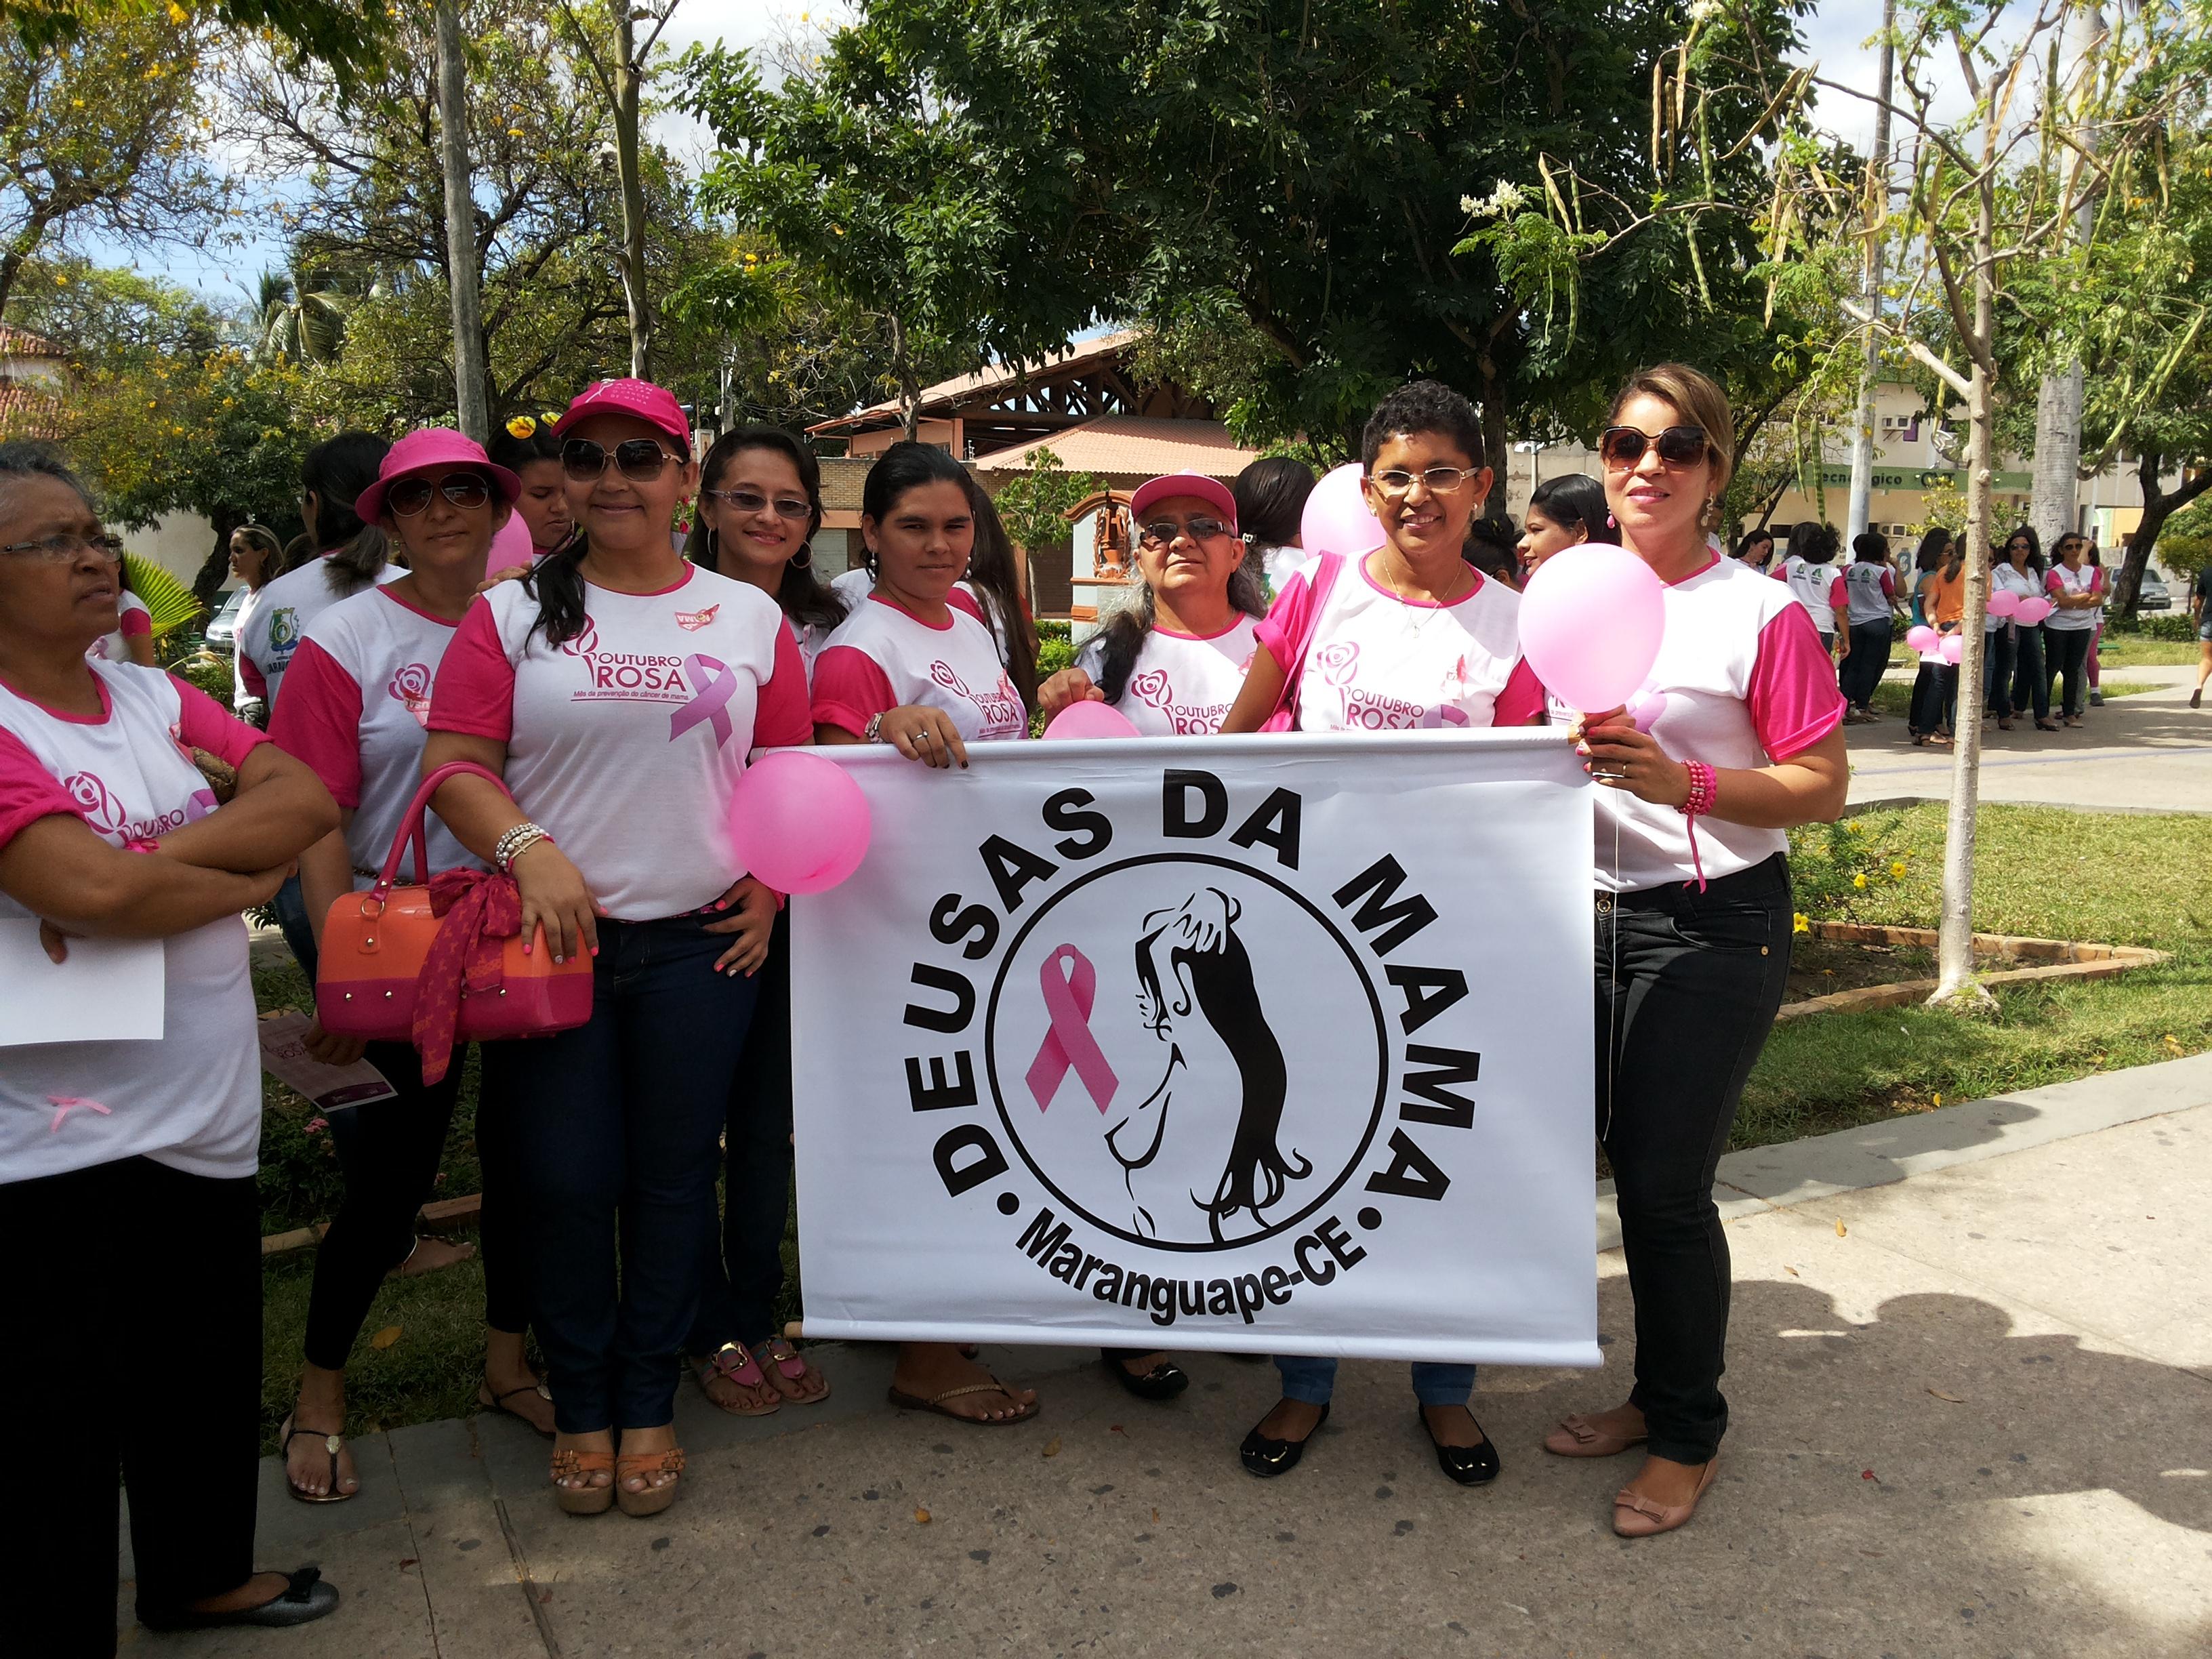 Associação Deusas da Mama é destaque por promover a importância do diagnóstico precoce do câncer de mama nas pessoas de Maranguape. Arquivo pessoal.